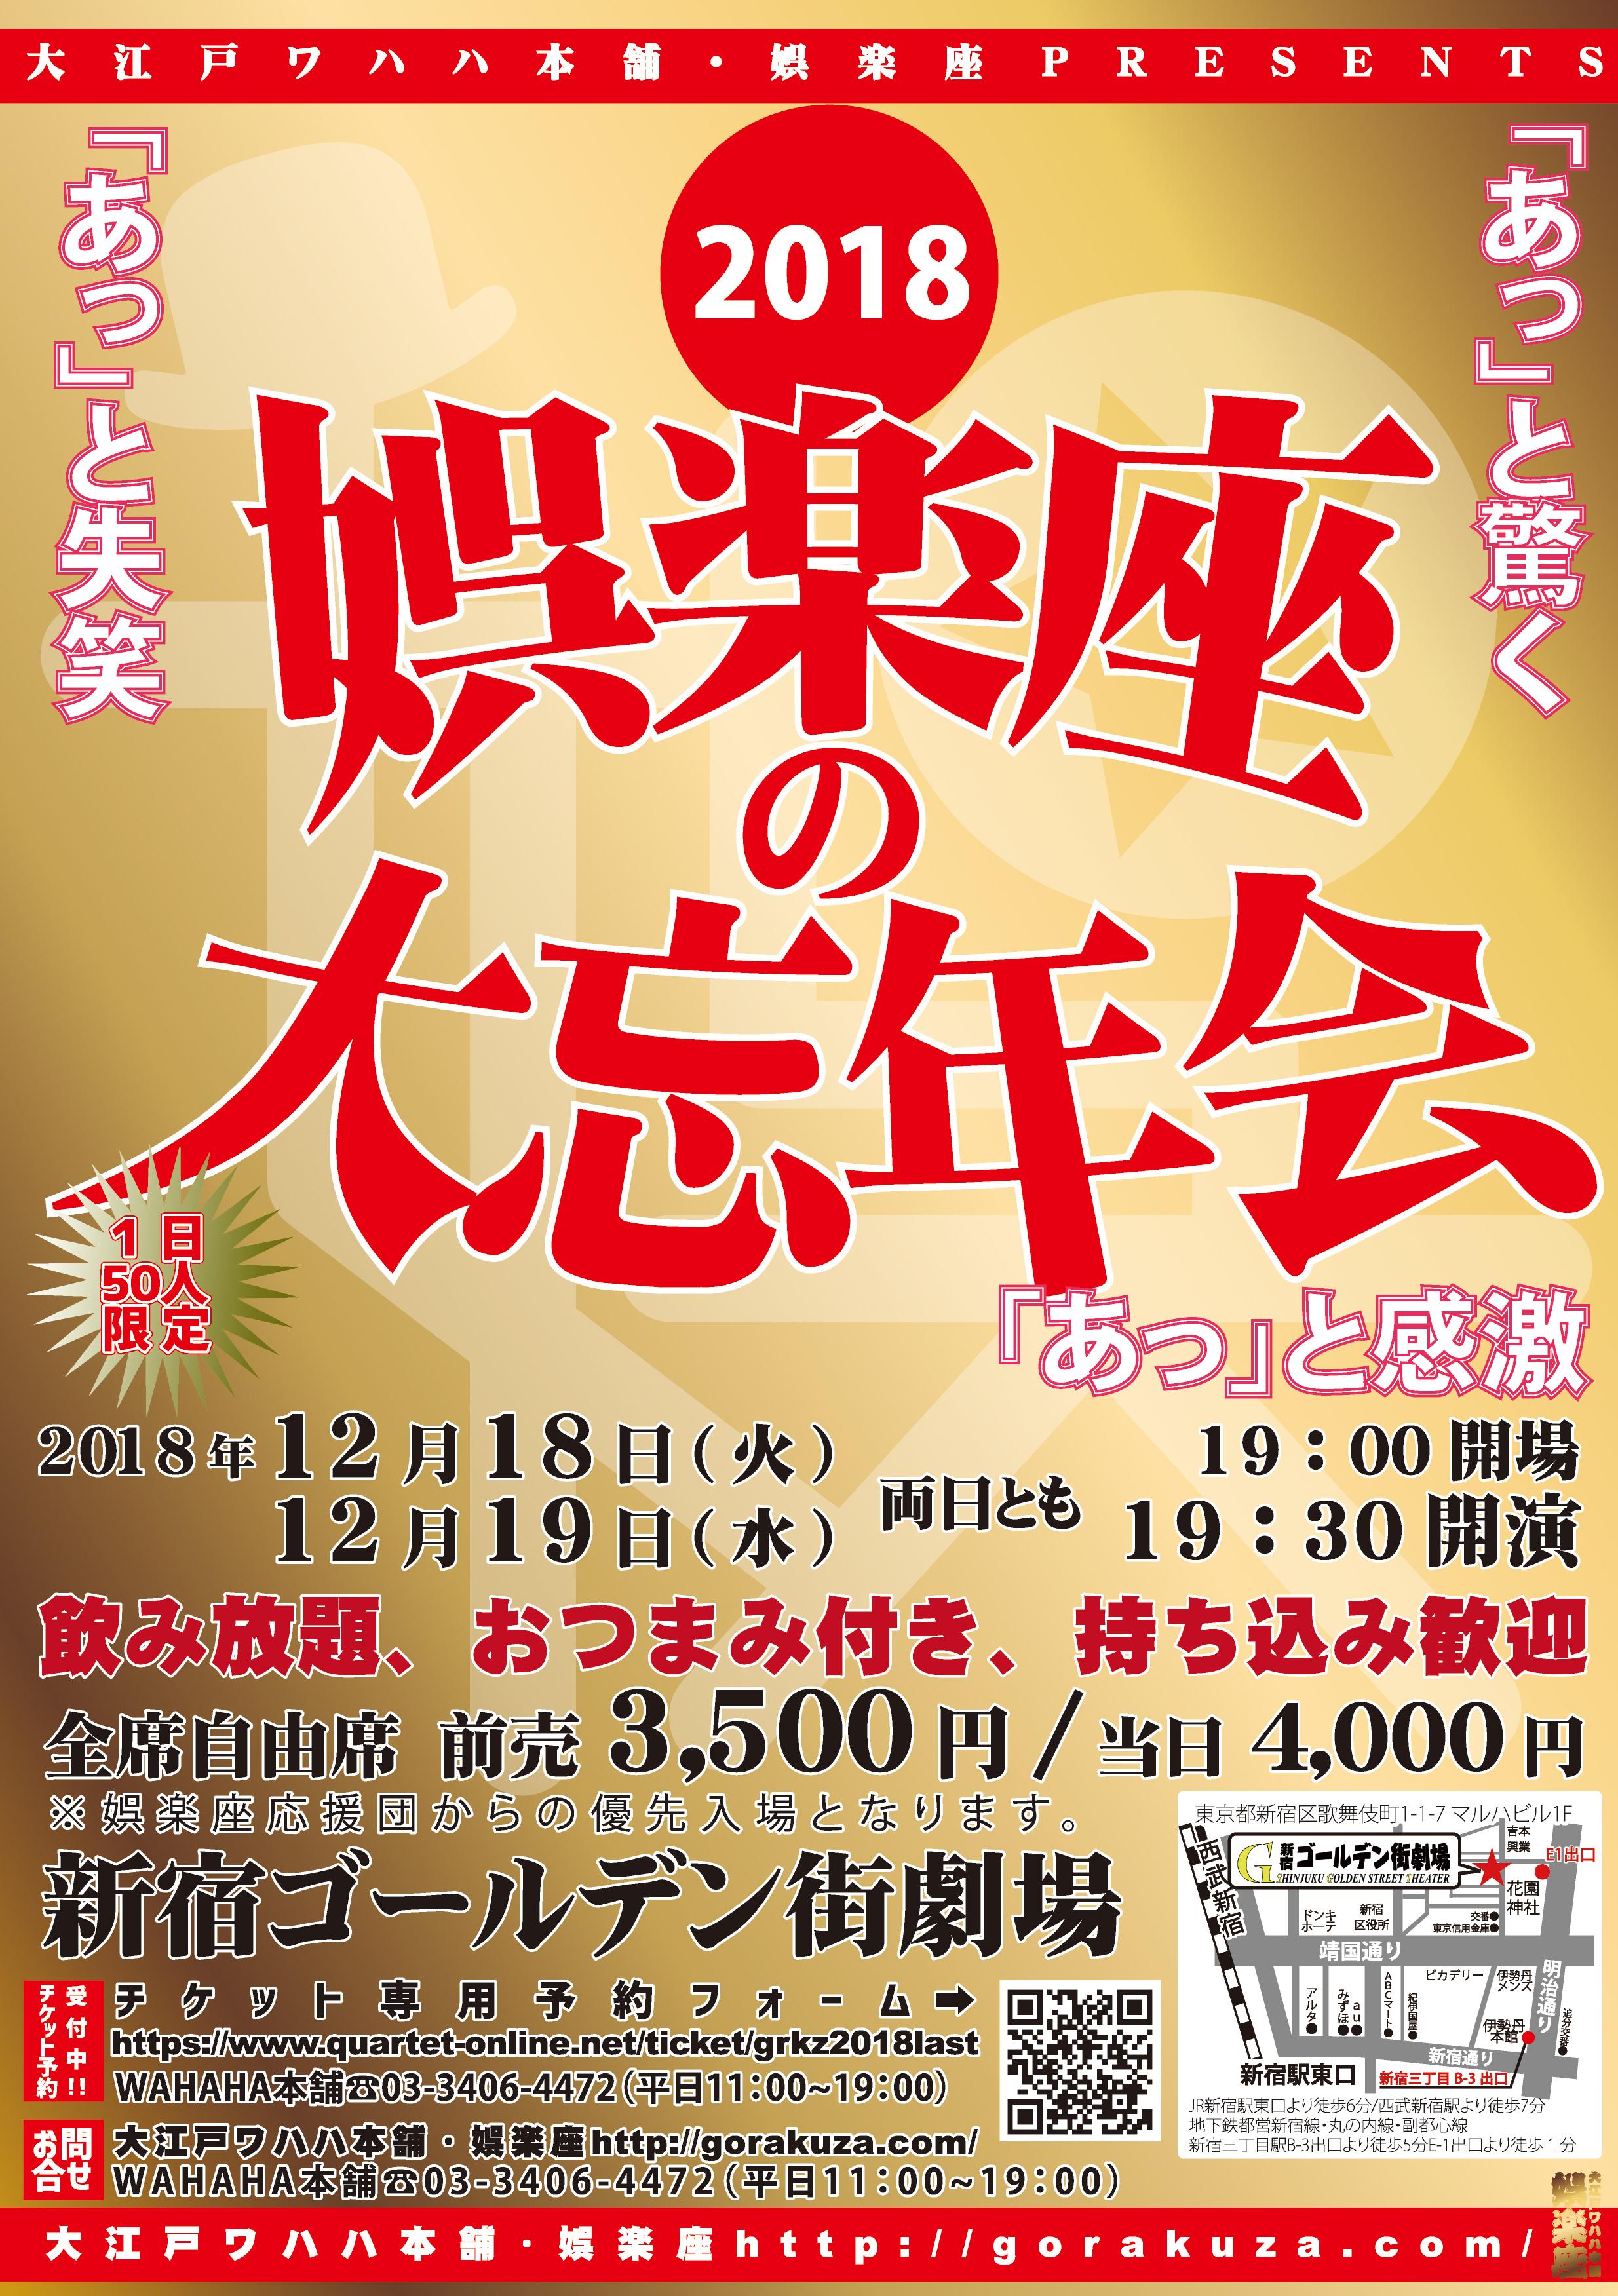 《12月娯楽座公演》「娯楽座の大忘年会2018」情報